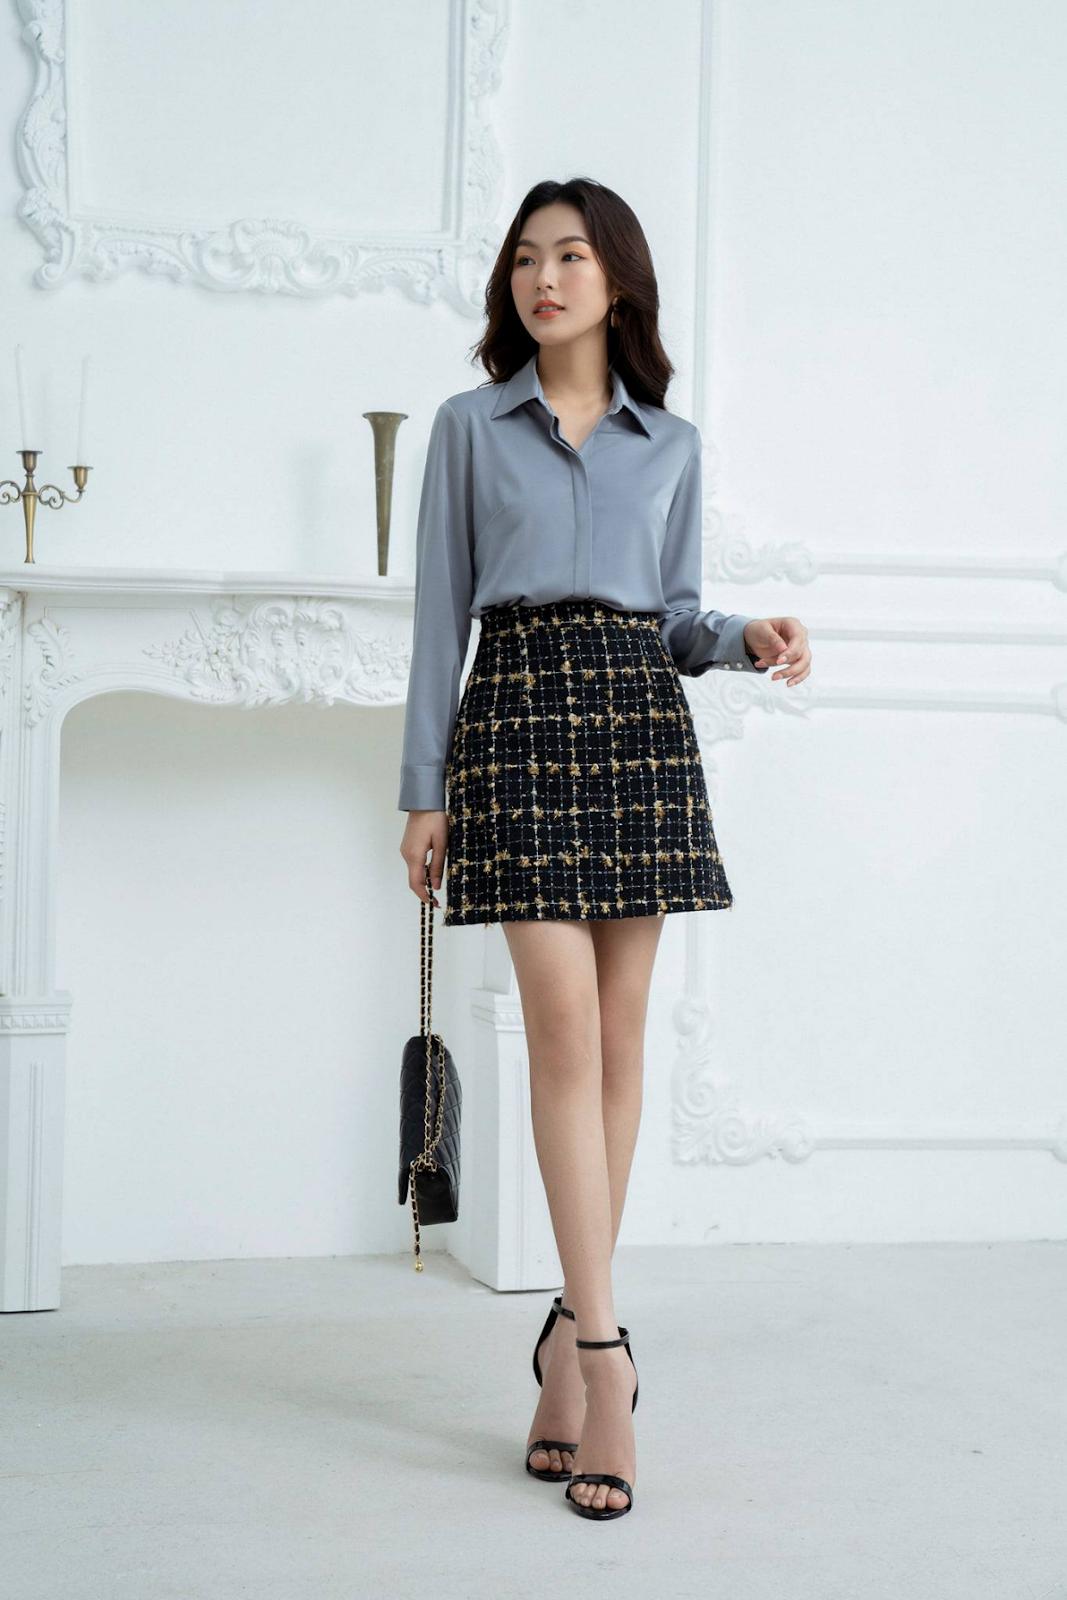 Thời trang May Clothings hướng dẫn chị em cách phối đồ hiệu quả - Ảnh 2